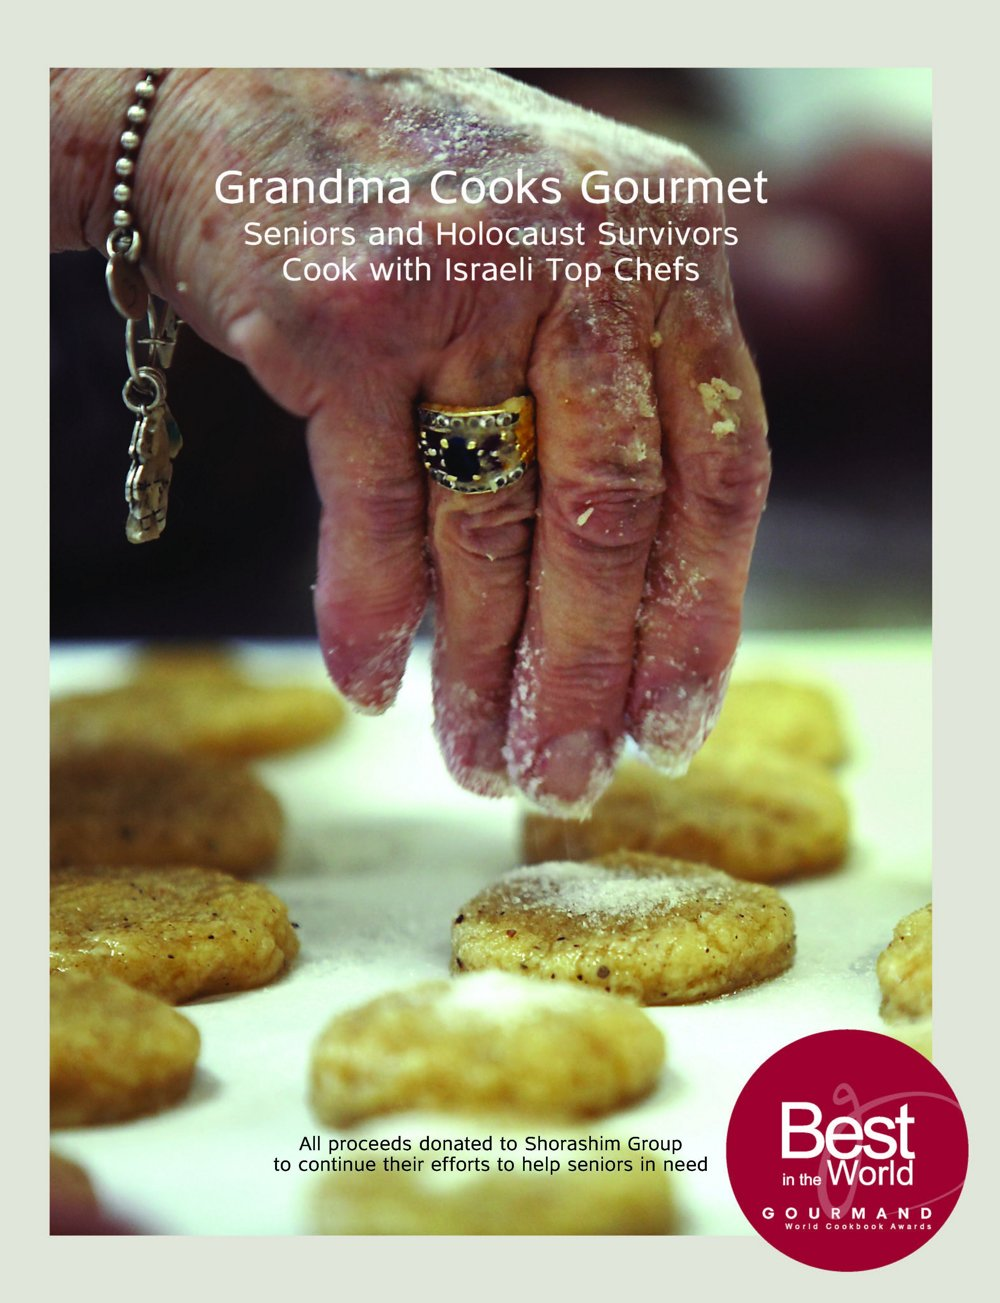 Grandma Cooks Gourmet